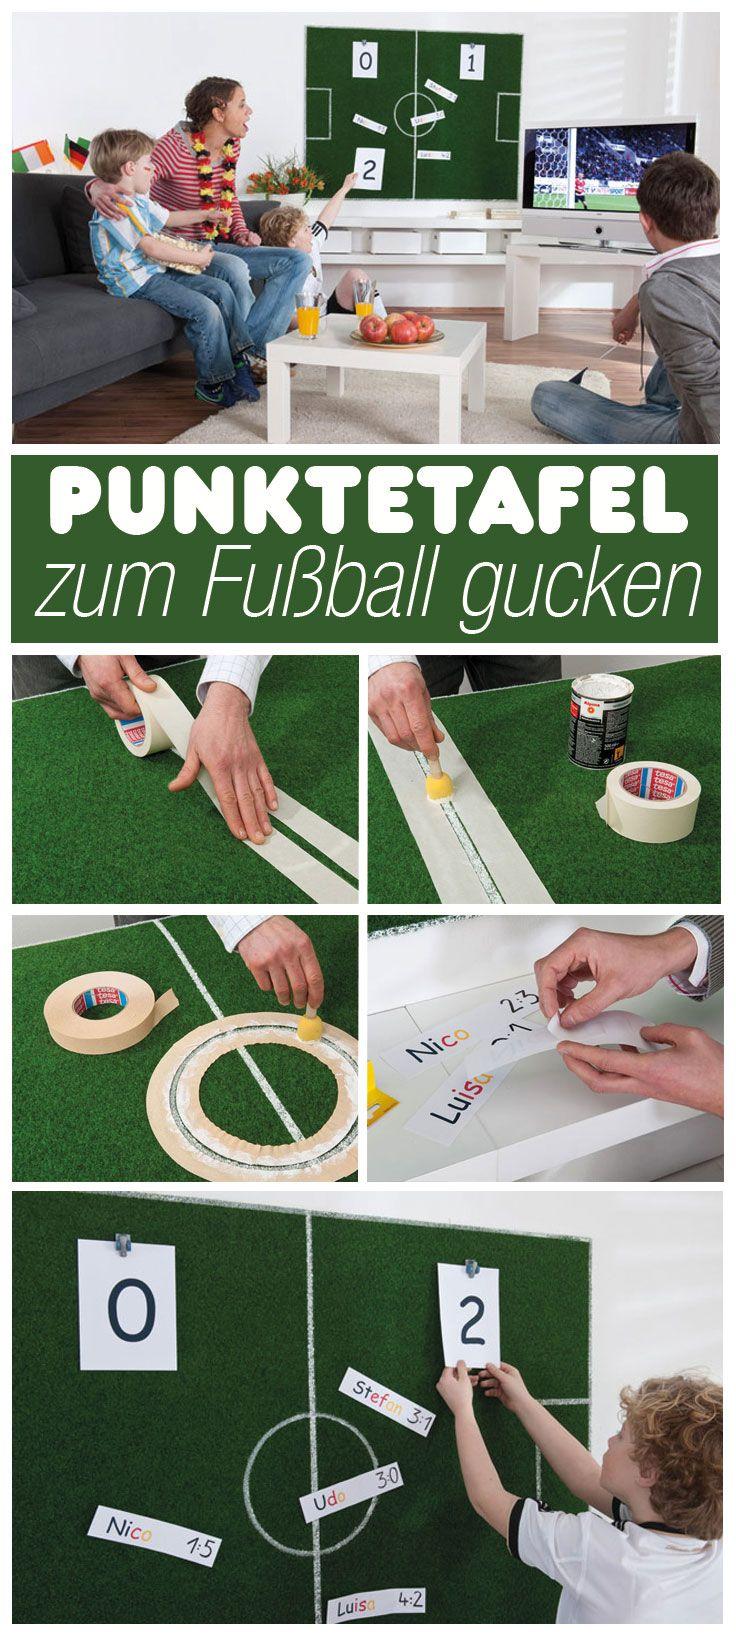 25 best Grillen und Outdoor images on Pinterest | Fußball party, Diy ...